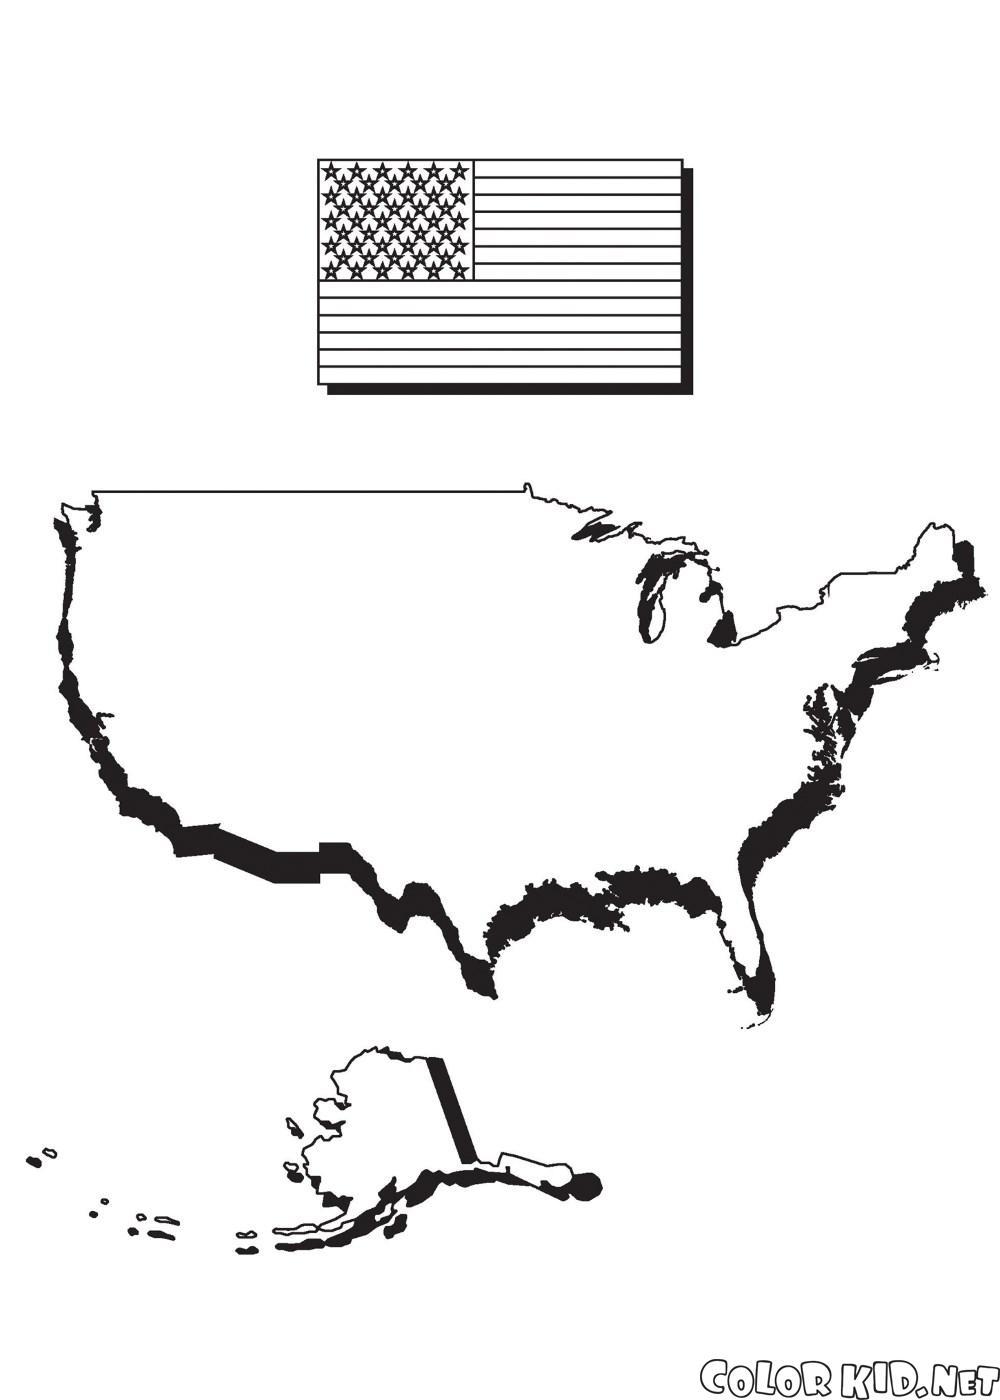 Mapa de América y la bandera